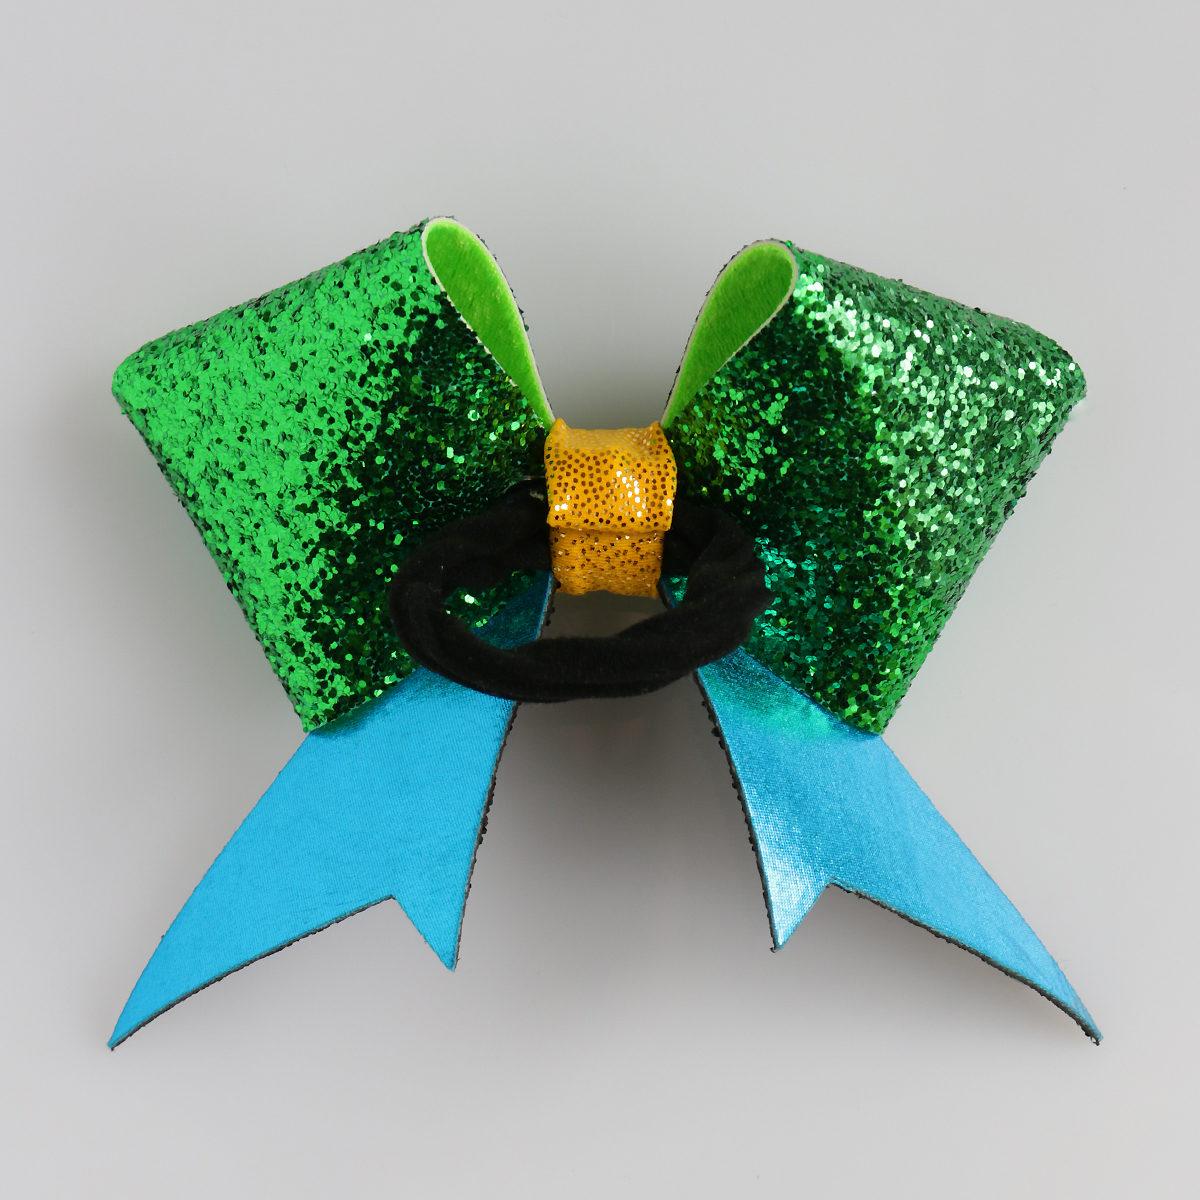 Bow-1-Kirale-cheer-cheerleading-uniform-wear-2